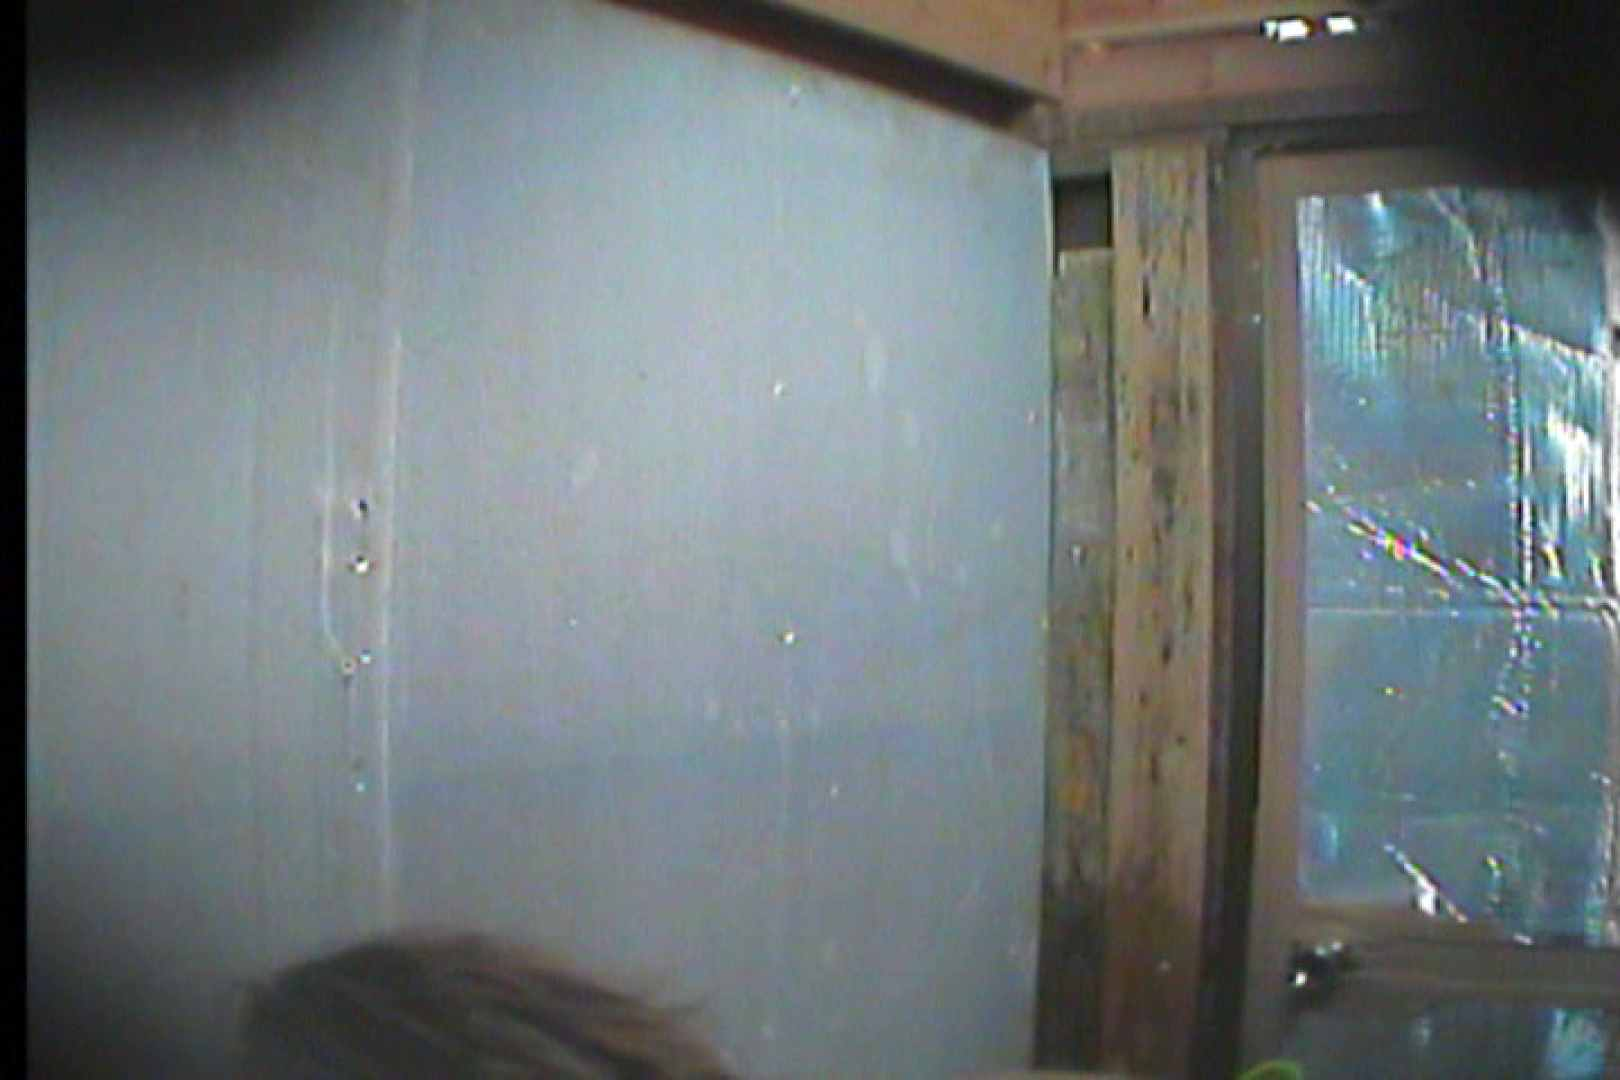 海の家の更衣室 Vol.18 エロいOL セックス無修正動画無料 99枚